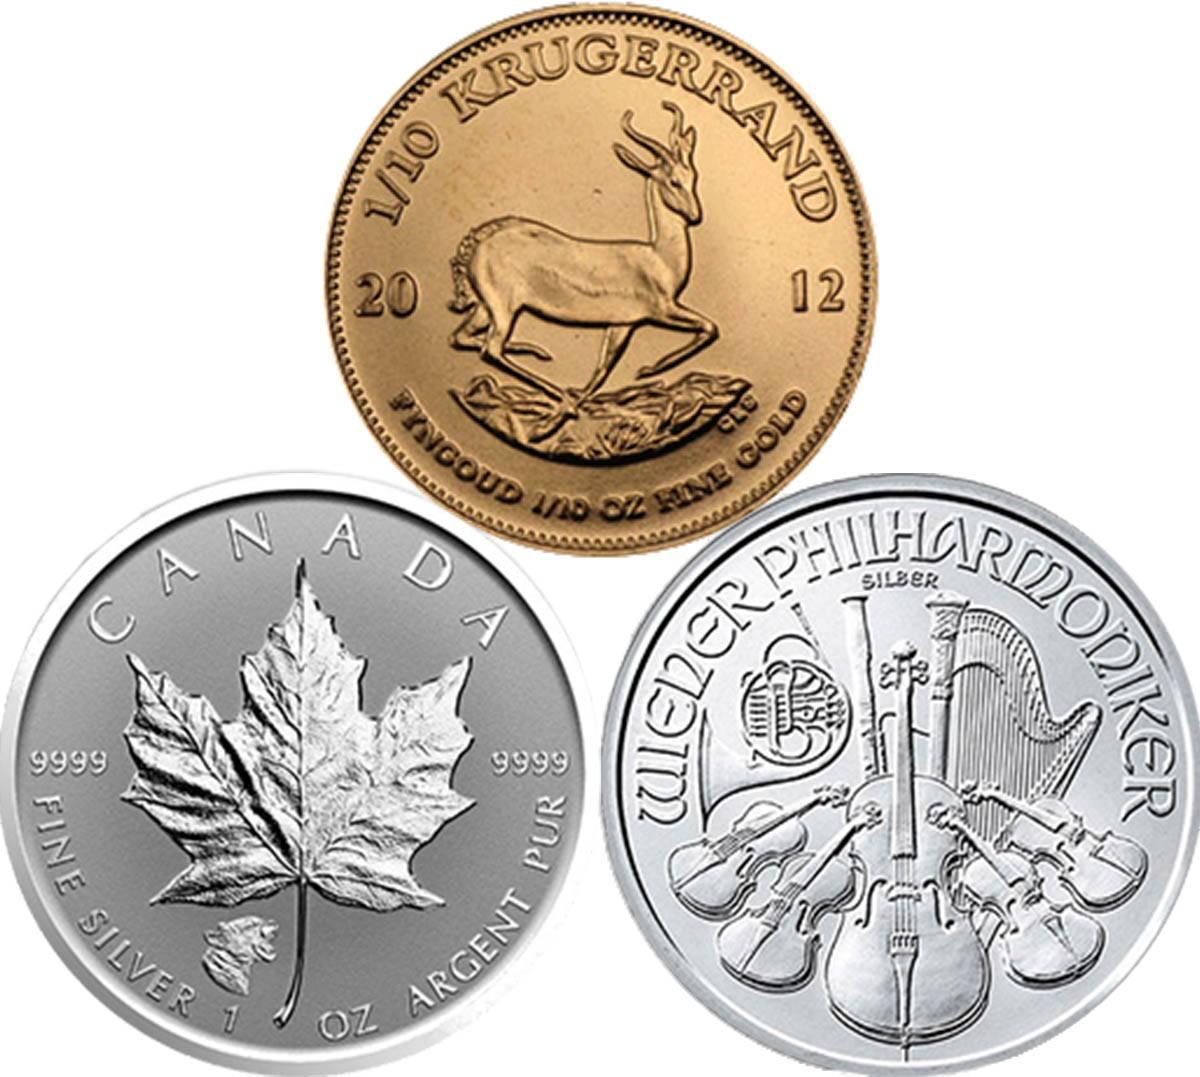 Примеры иностранных монет, в которые можно инвестировать в России: крюгерранд — золотая монета из ЮАР, канадский «Кленовый лист» и австрийская «Филармония»